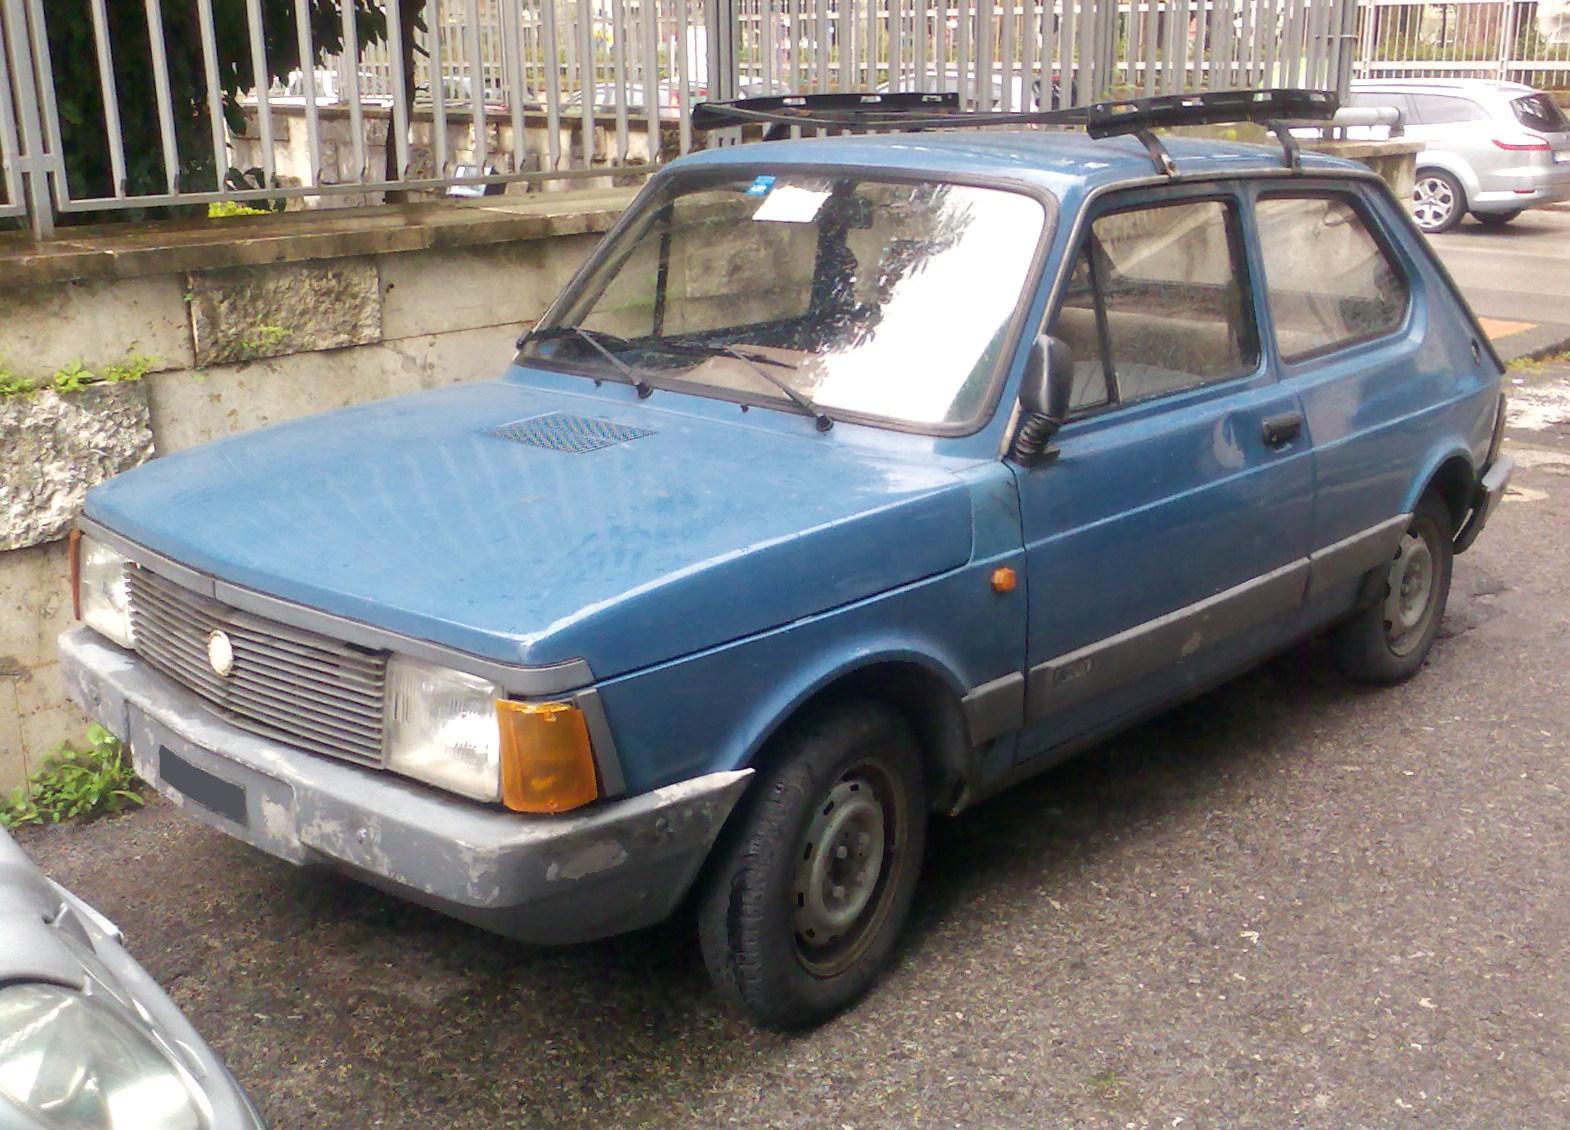 Fiat fiat 127 : Fiat 127